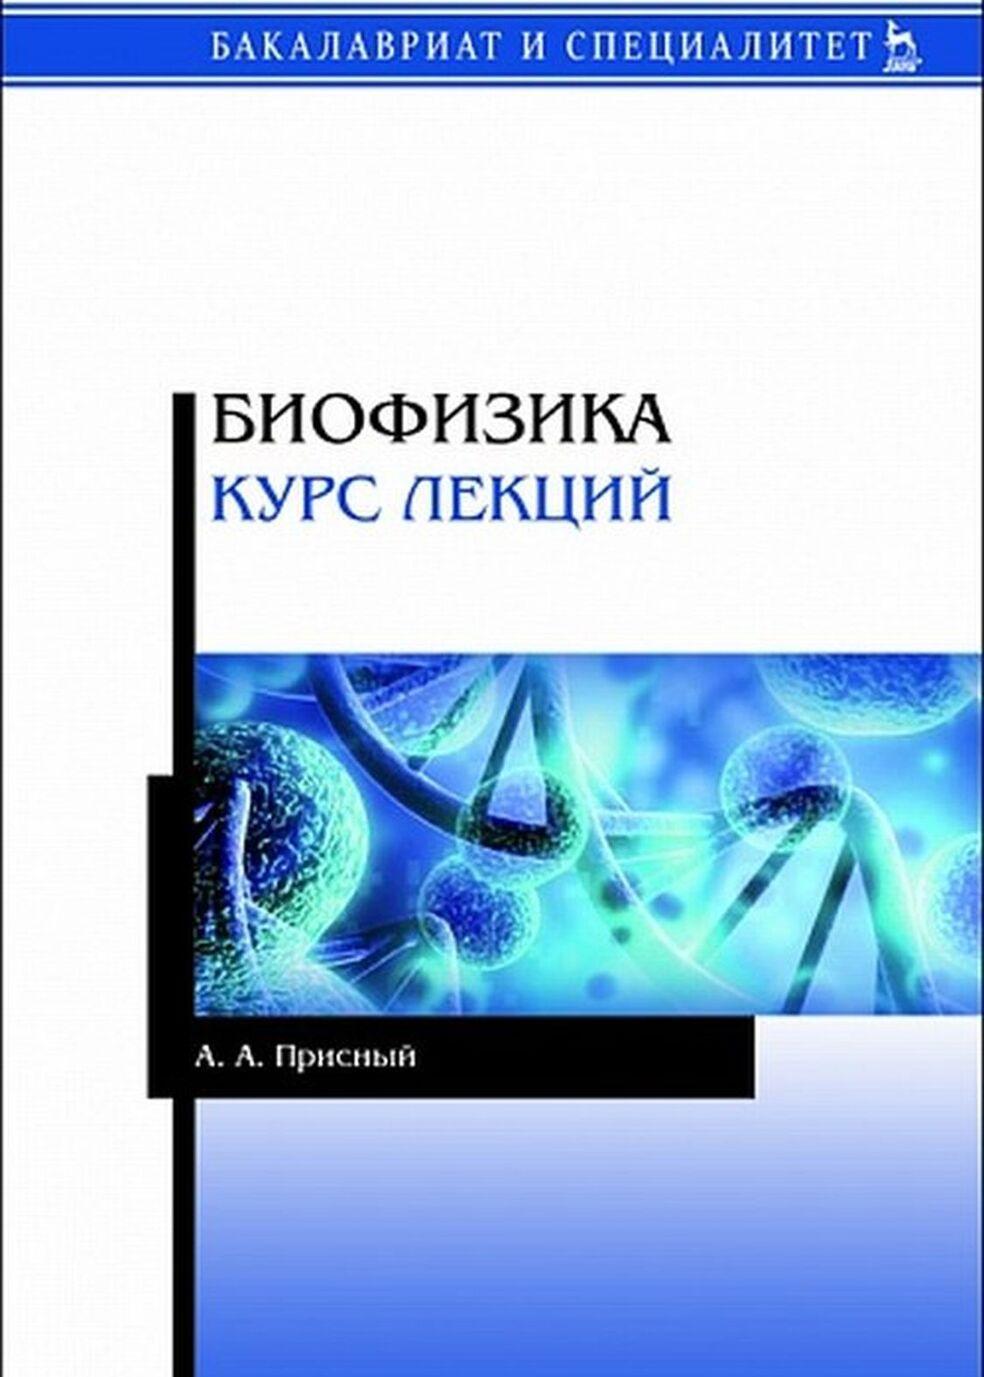 Biofizika. Kurs lektsij